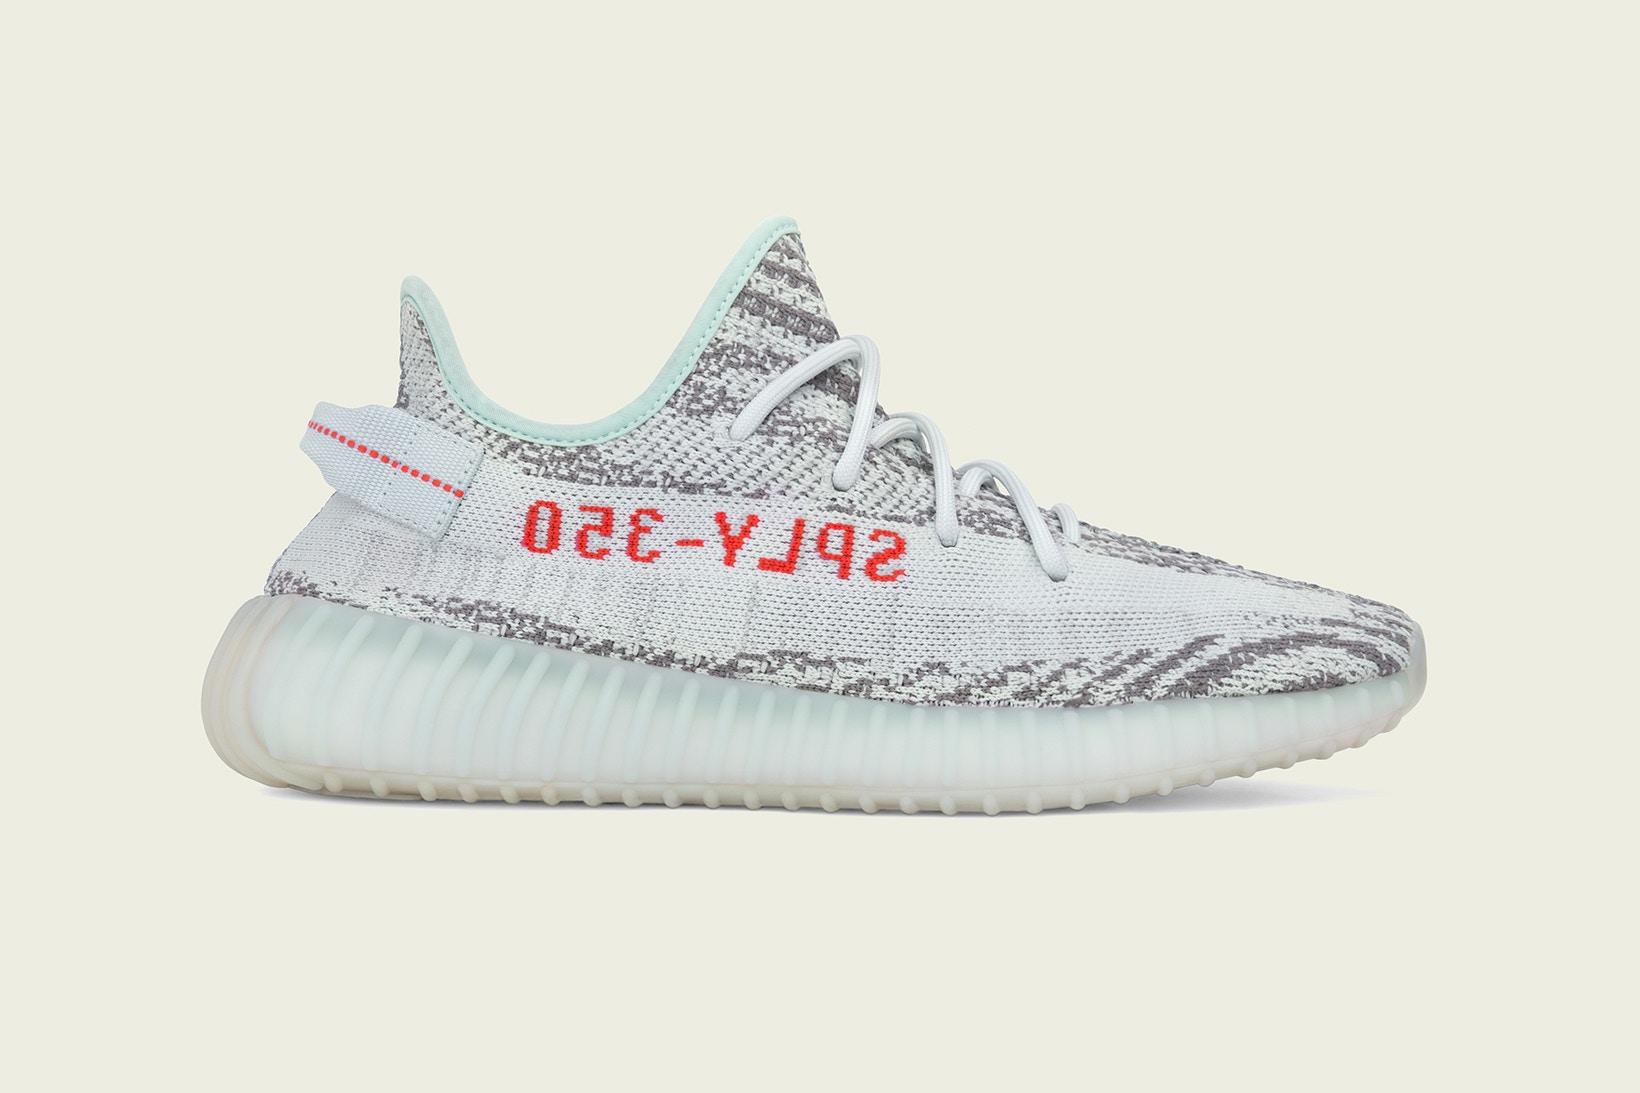 Adidas Yeezy Limitado Nuevos Modelos